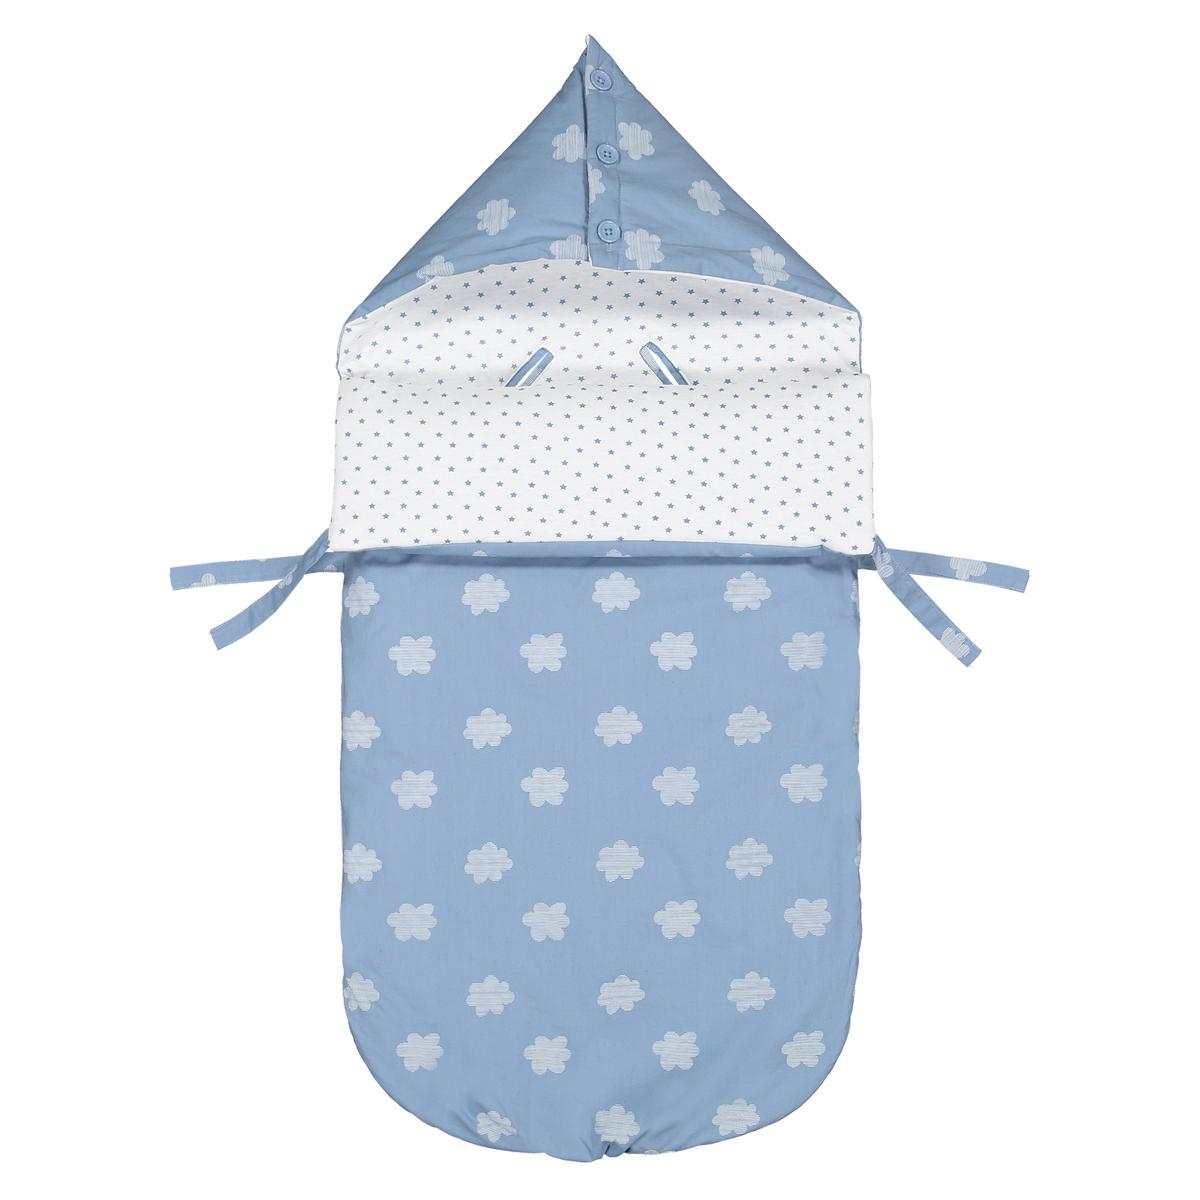 Конверт La Redoute Для новорожденных с капюшоном и рисунком единый размер синий боди для новорожденных лапушка стиляга цвет синий ст002и размер 36 56